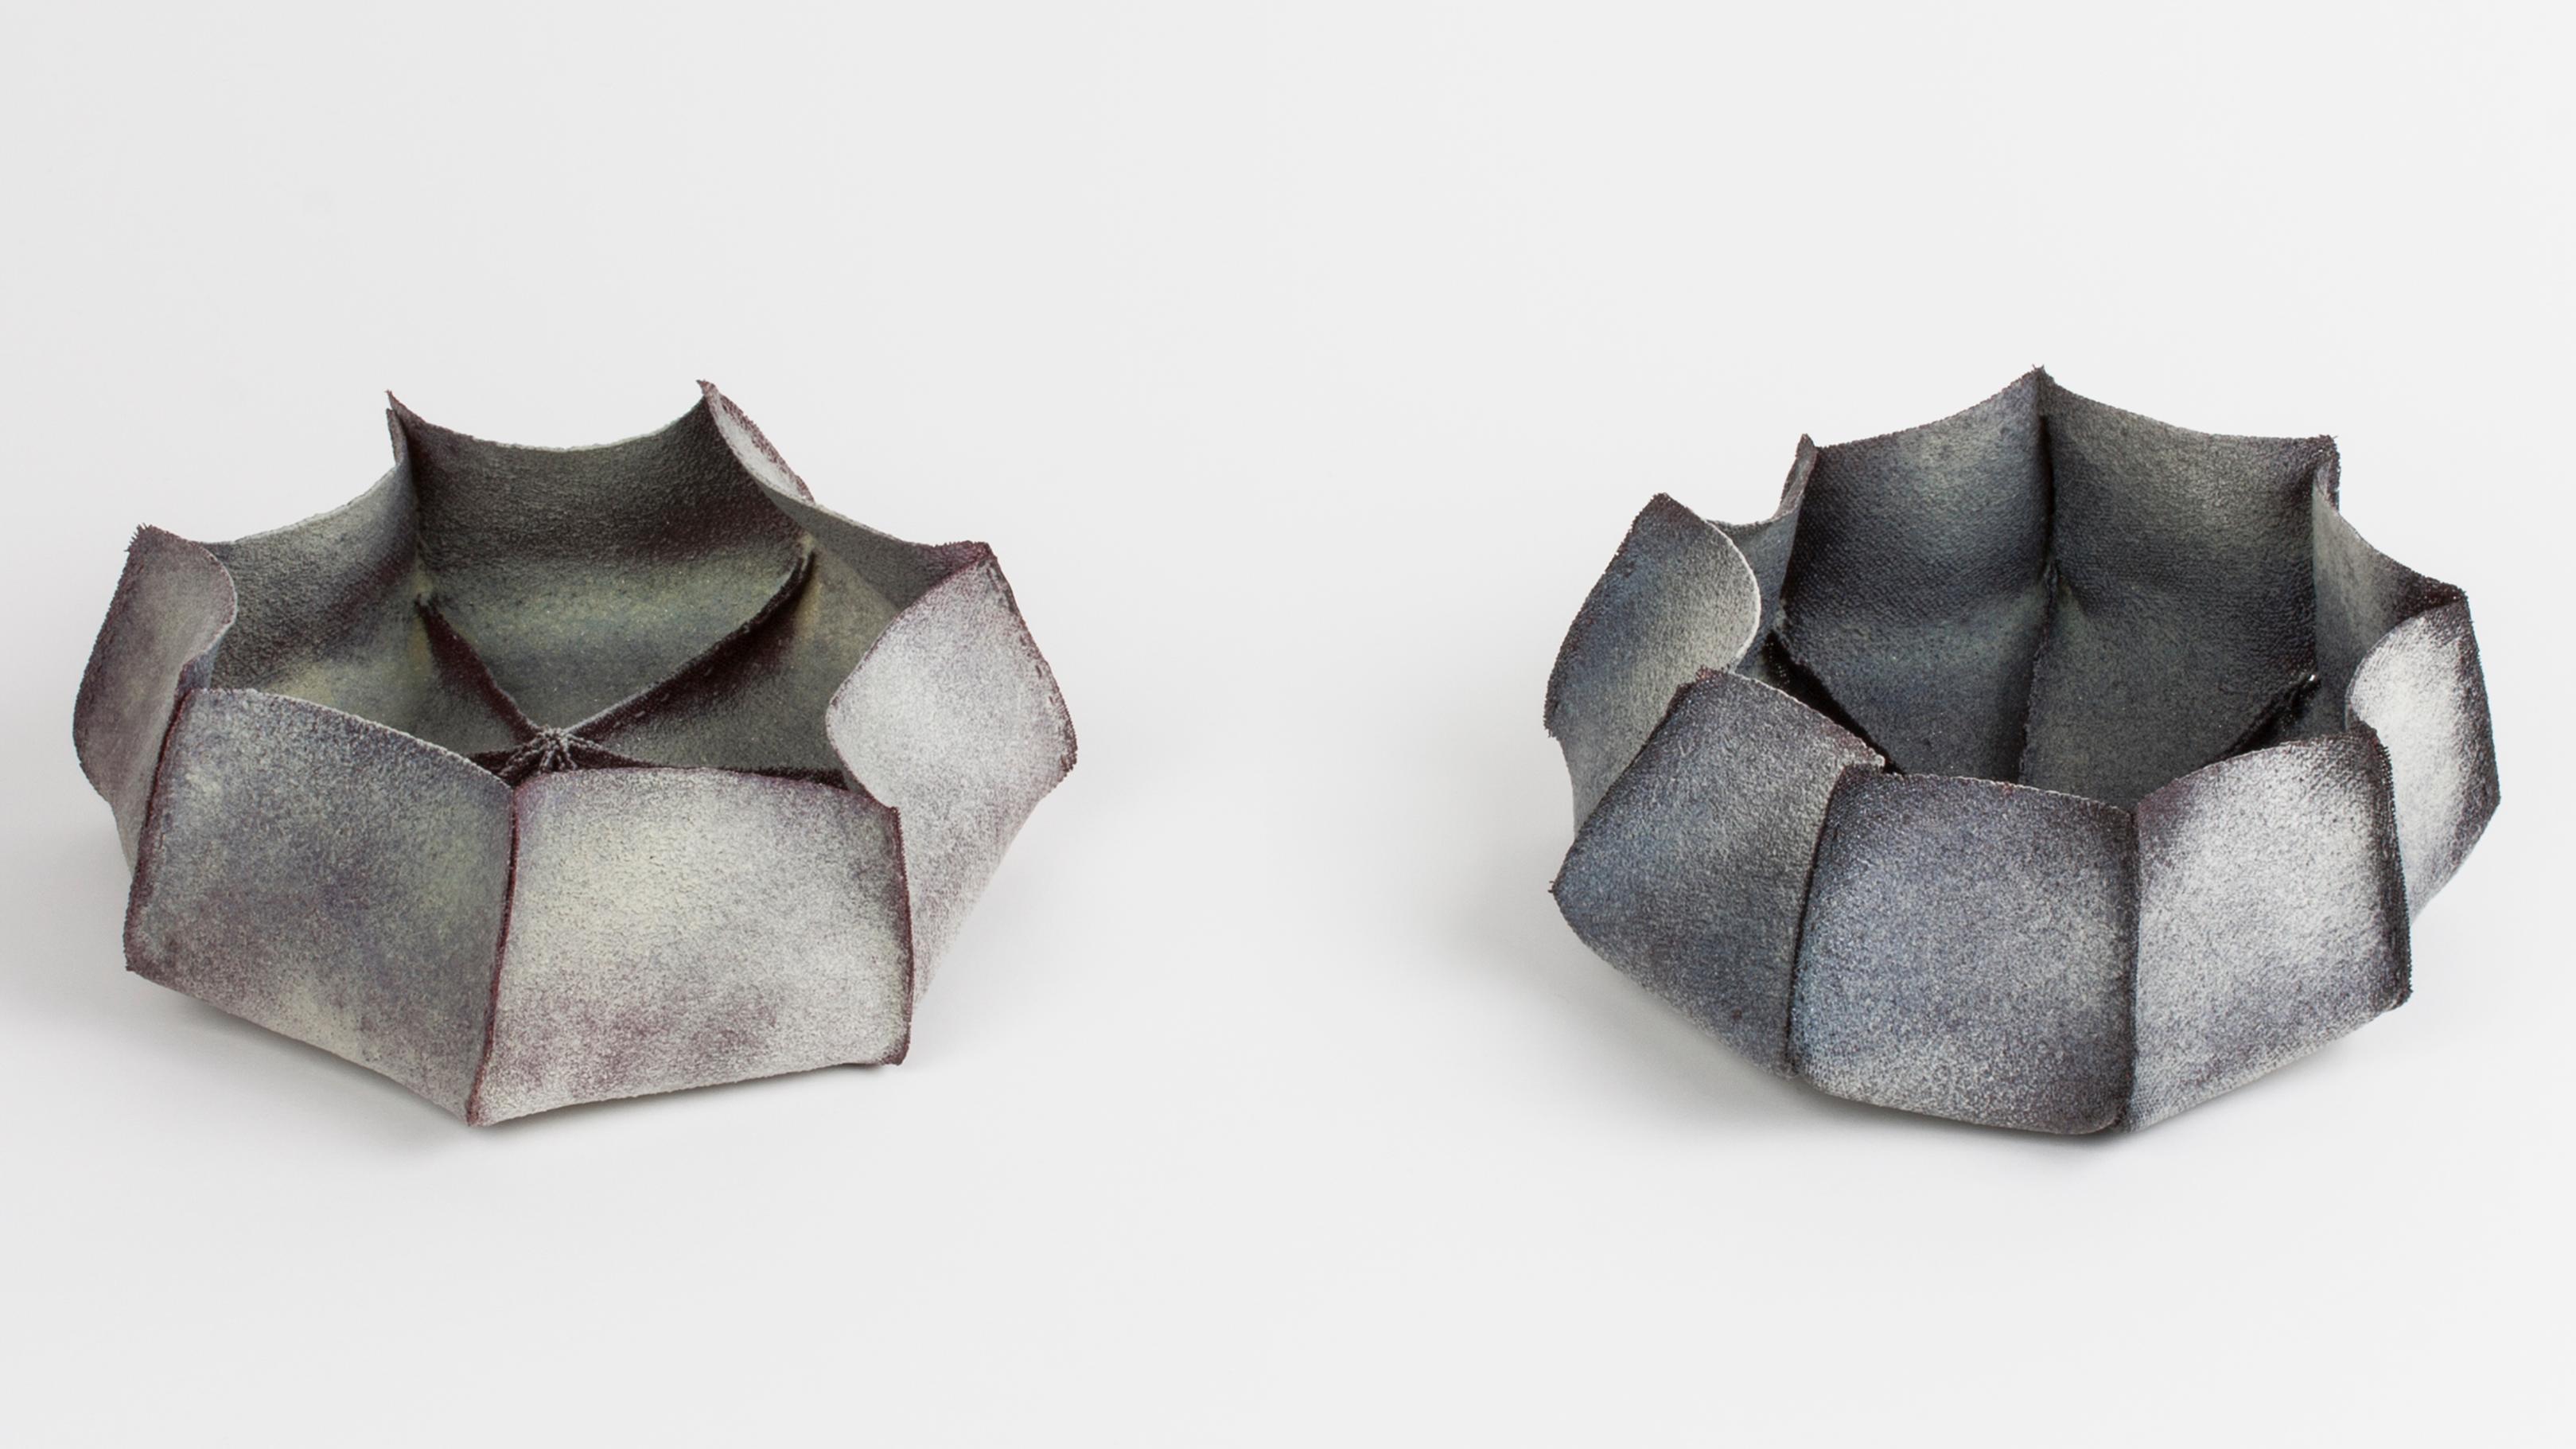 """zwei graue Schalen aus einzelnen Segmenten (Christine Graf, """"Polygone"""")"""